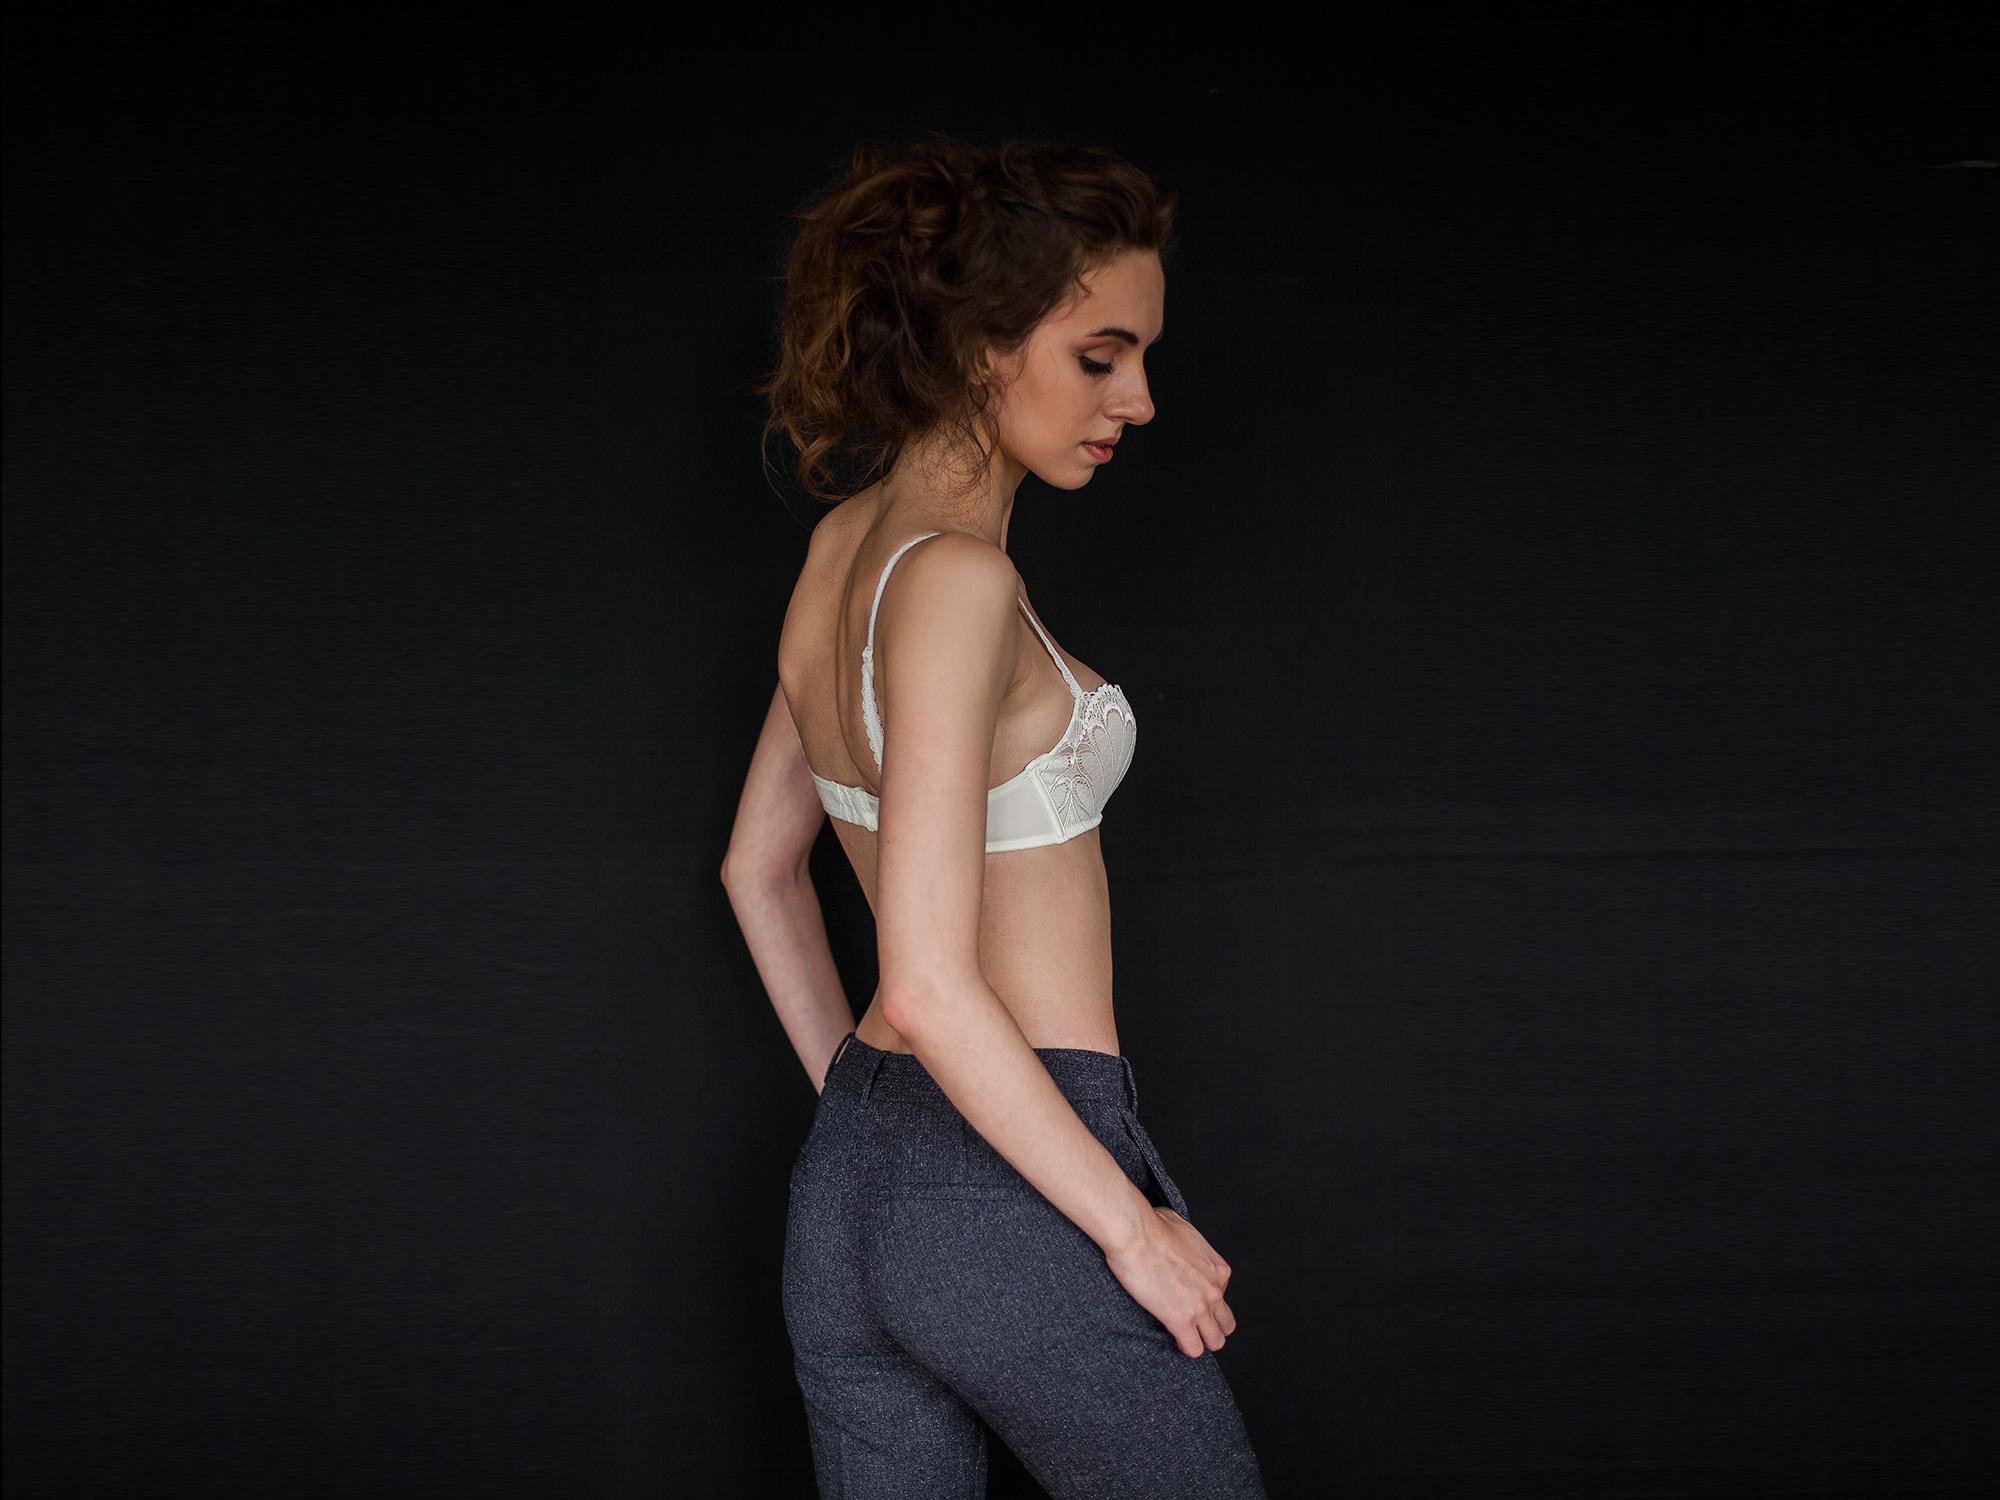 Массаж порно - нежный секс на массажном столе, эротический массаж.